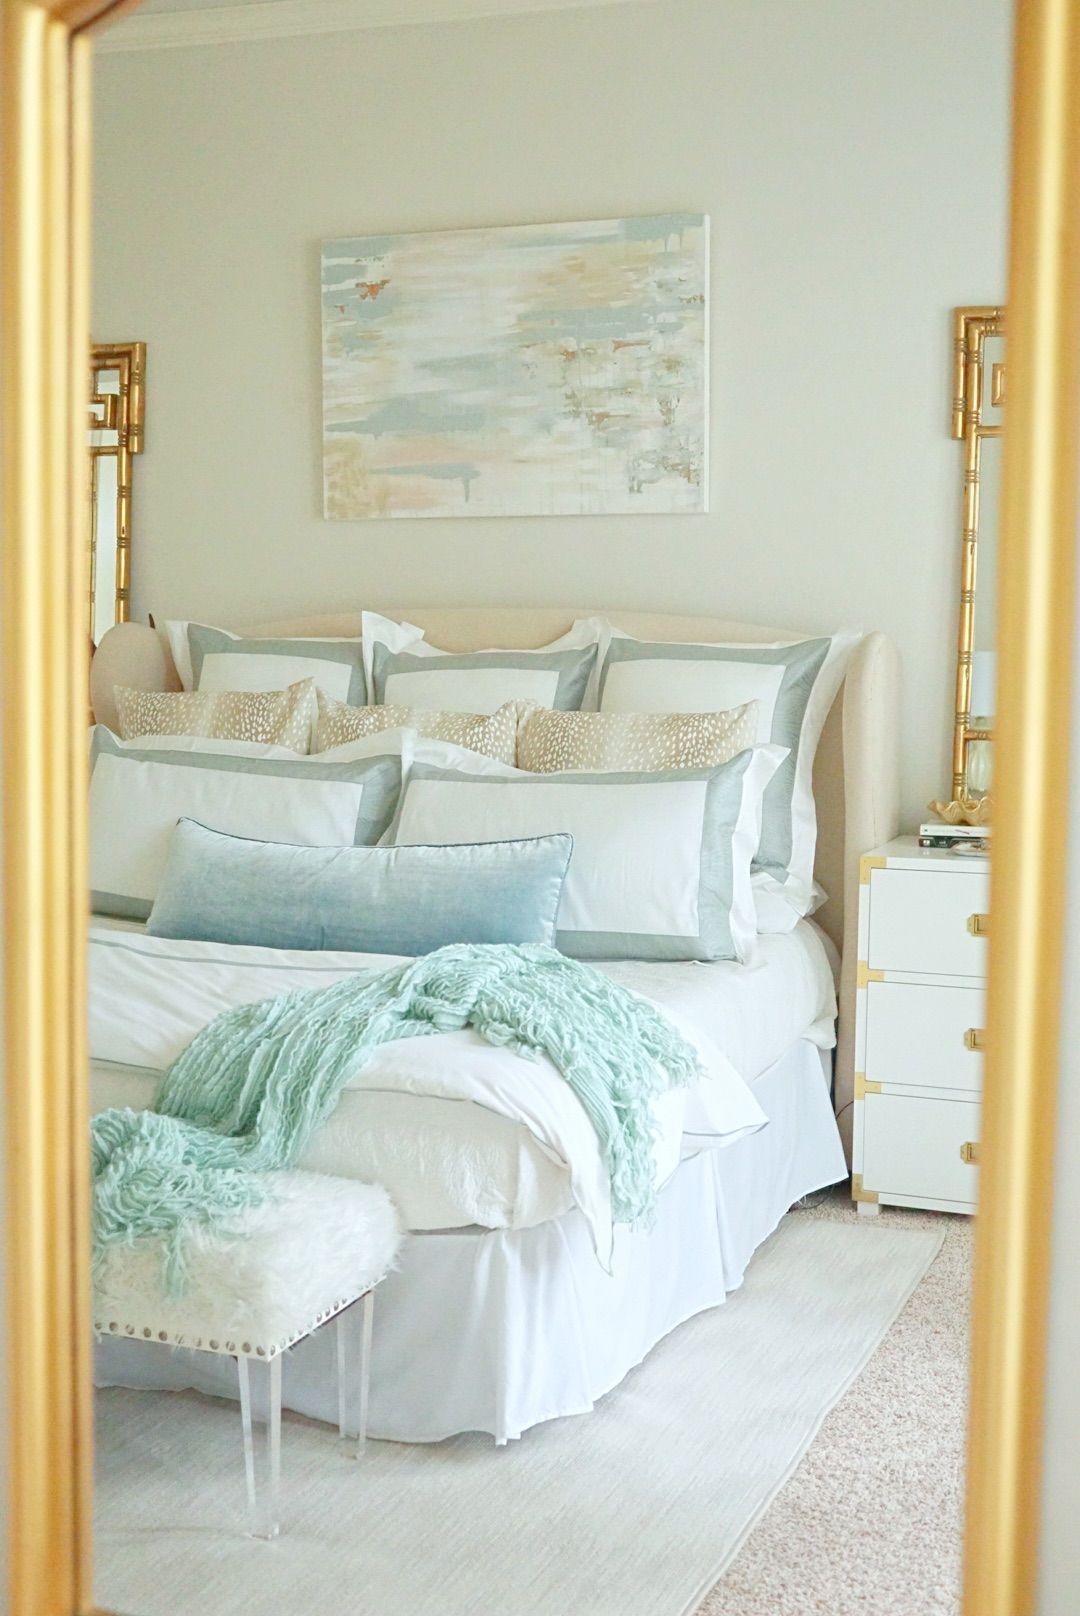 Frette Bedding Master Bedroom Bedding Master Bedroom Frette Bedding Home Decor Styles